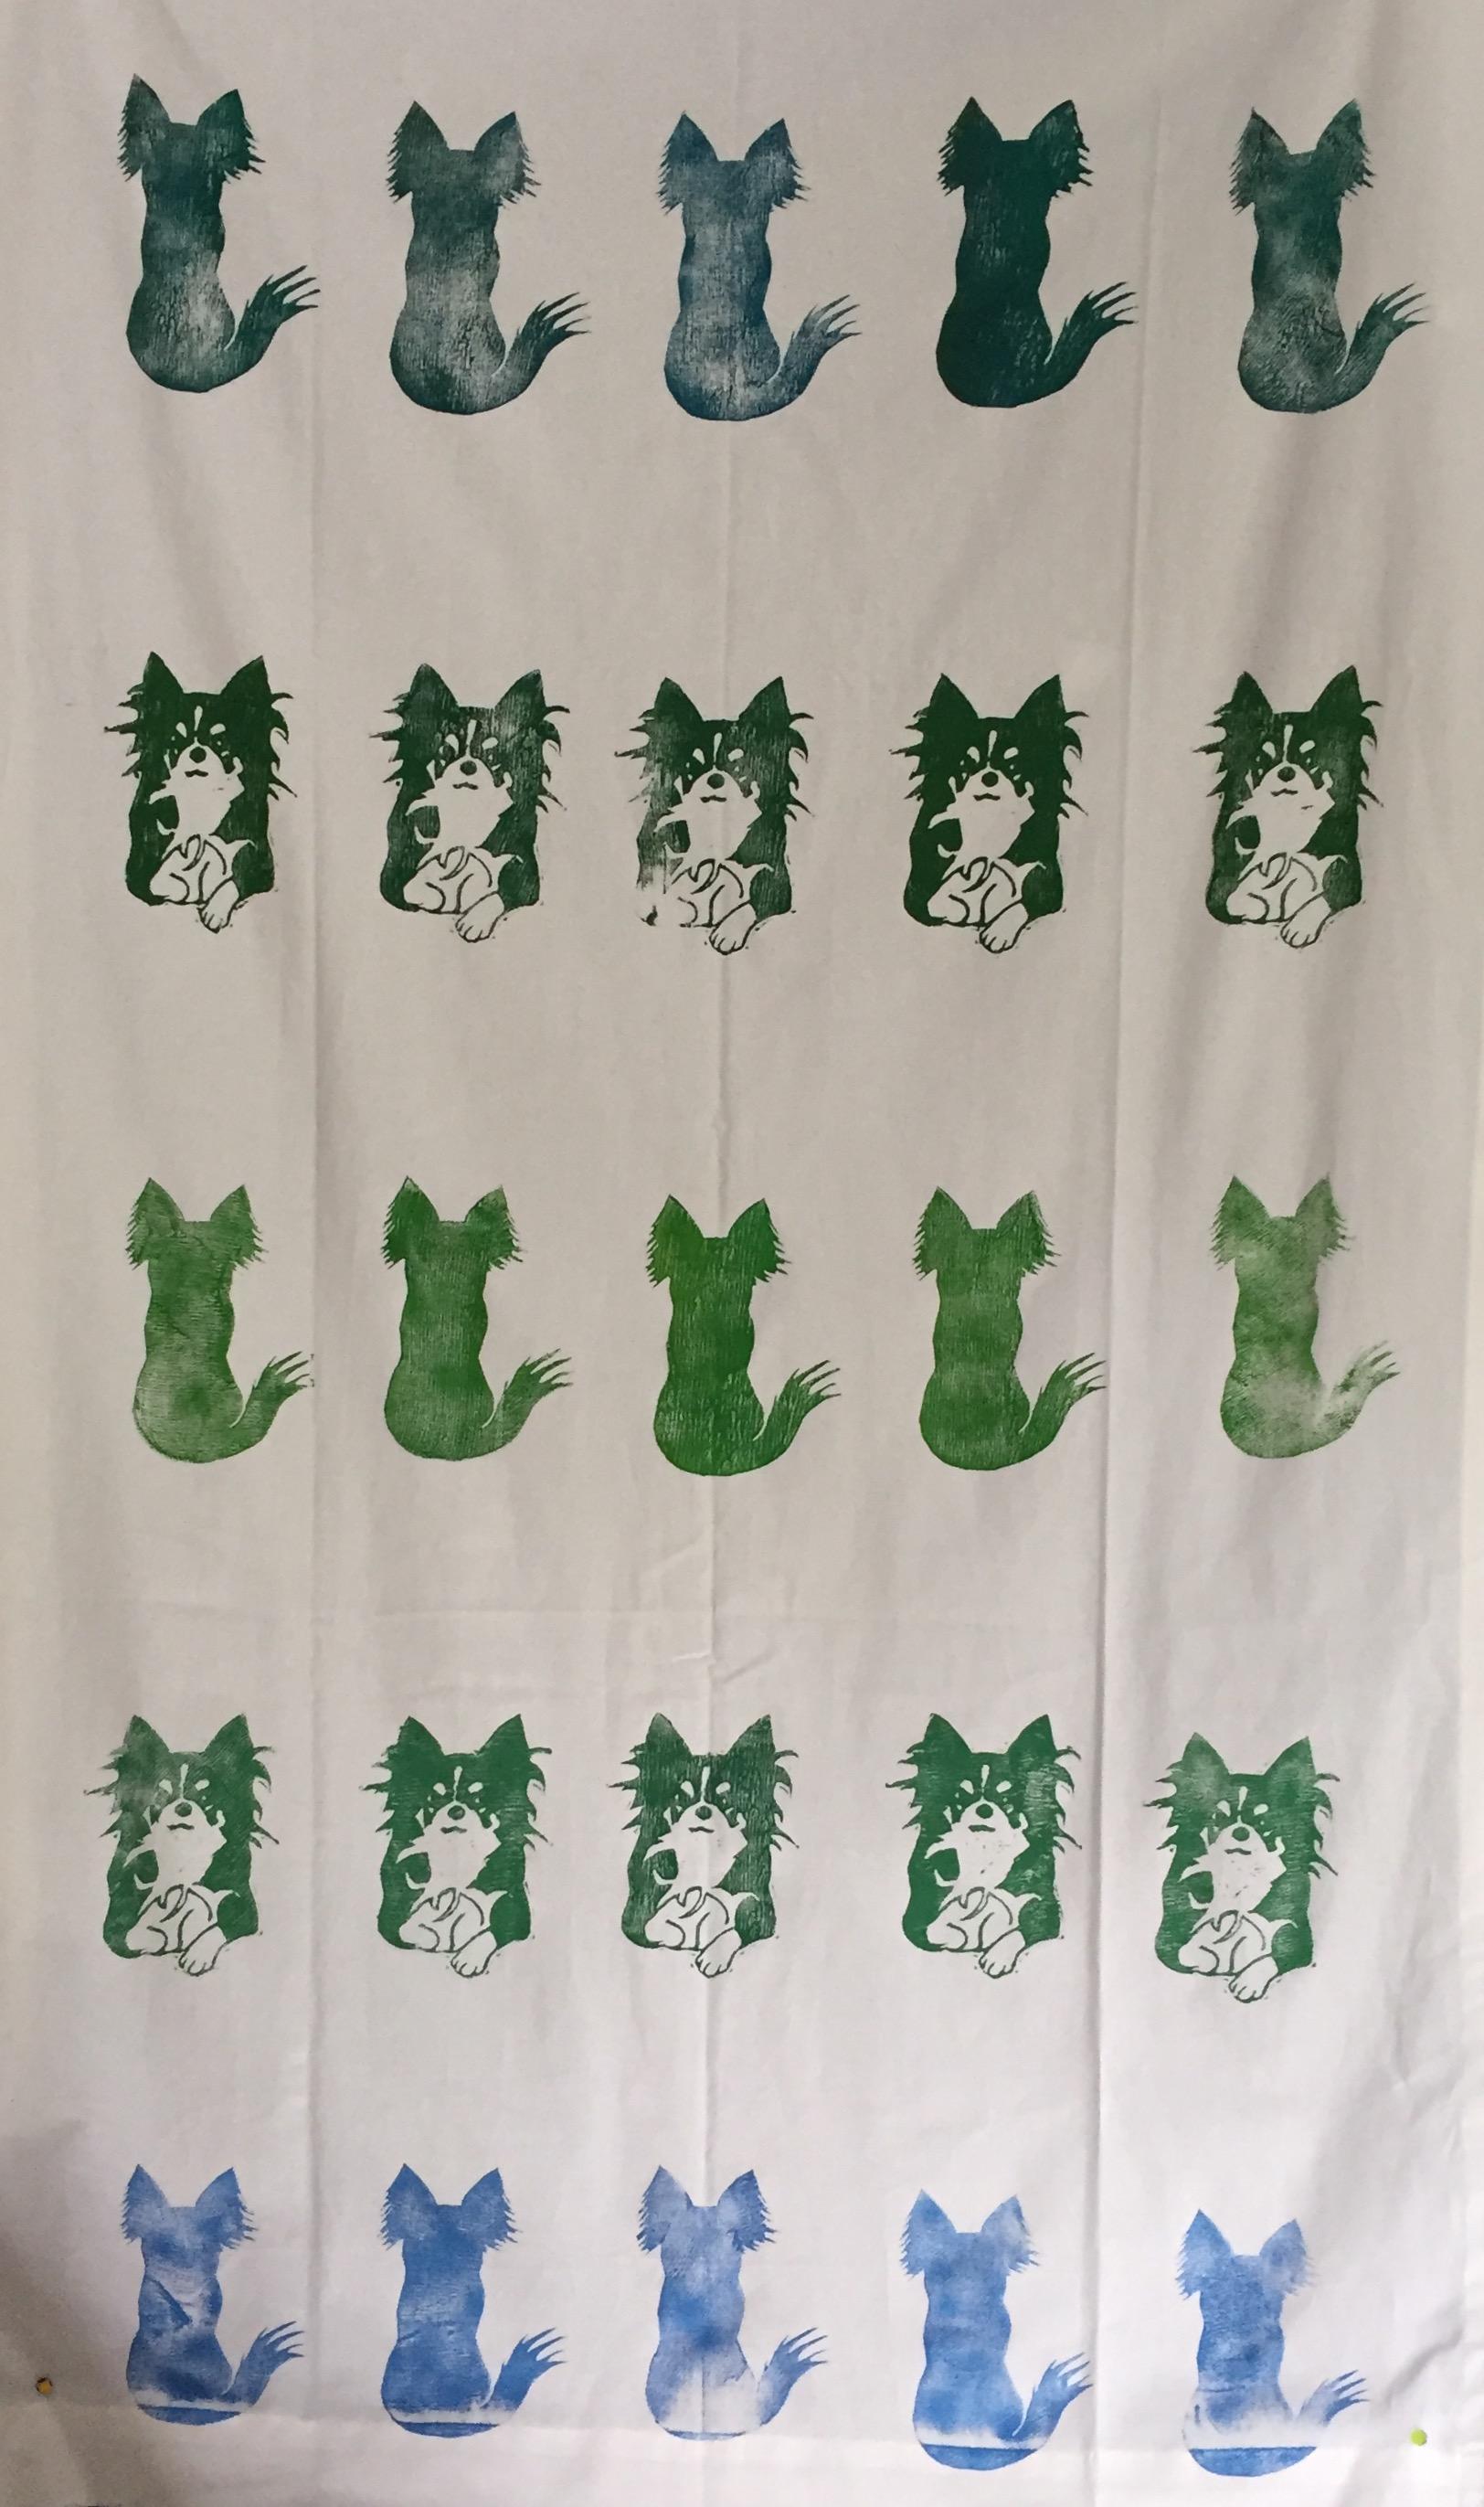 子宮の住人のための部屋のカーテンを制作。楽ちゃん(亡き愛犬)の柄にして見守ってもらおうとして。